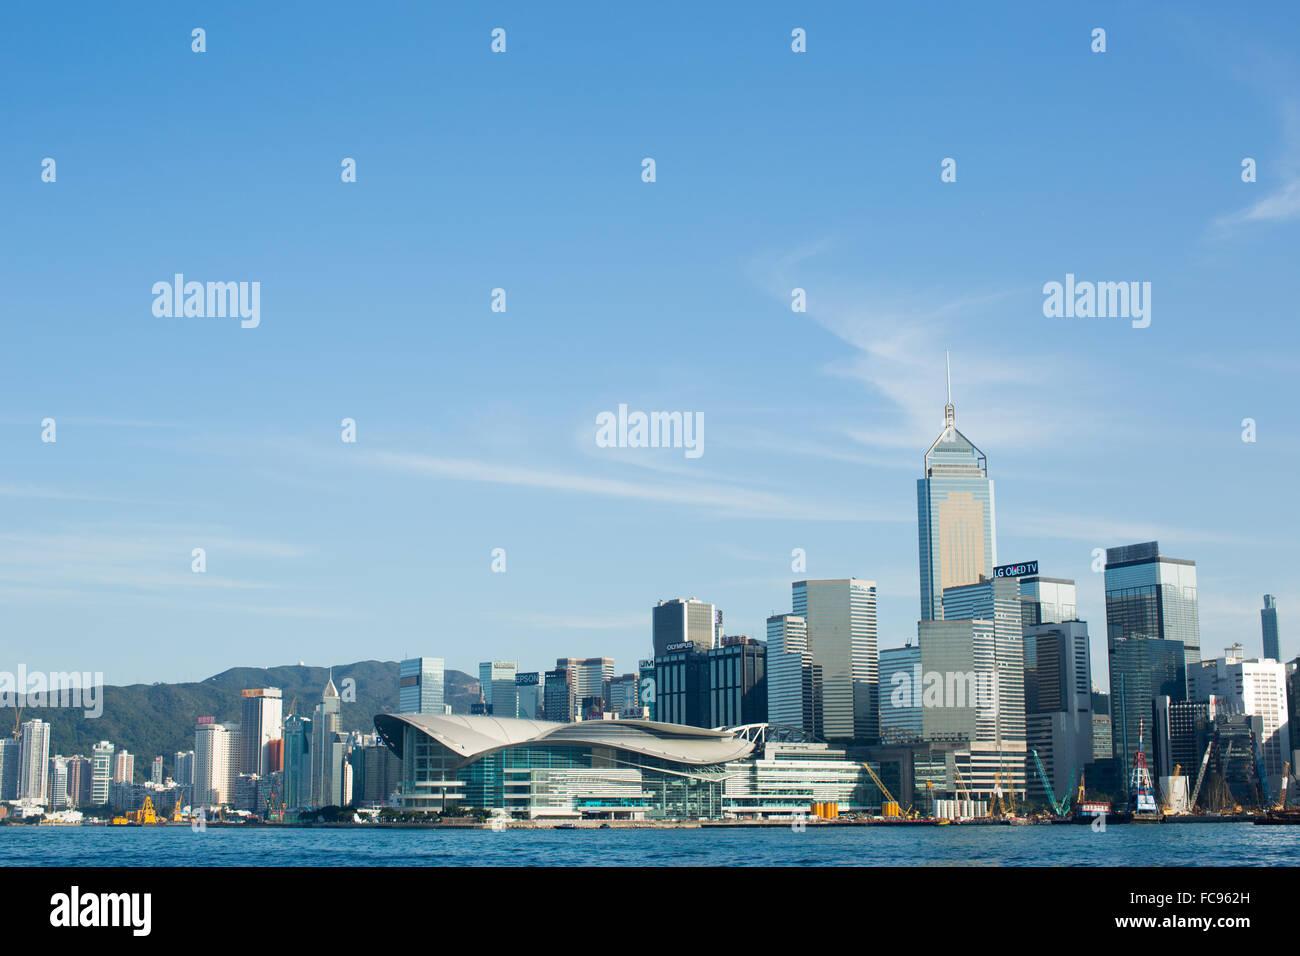 Perfil de Hong Kong tomada de Kowloon, Hong Kong, China, Asia Imagen De Stock